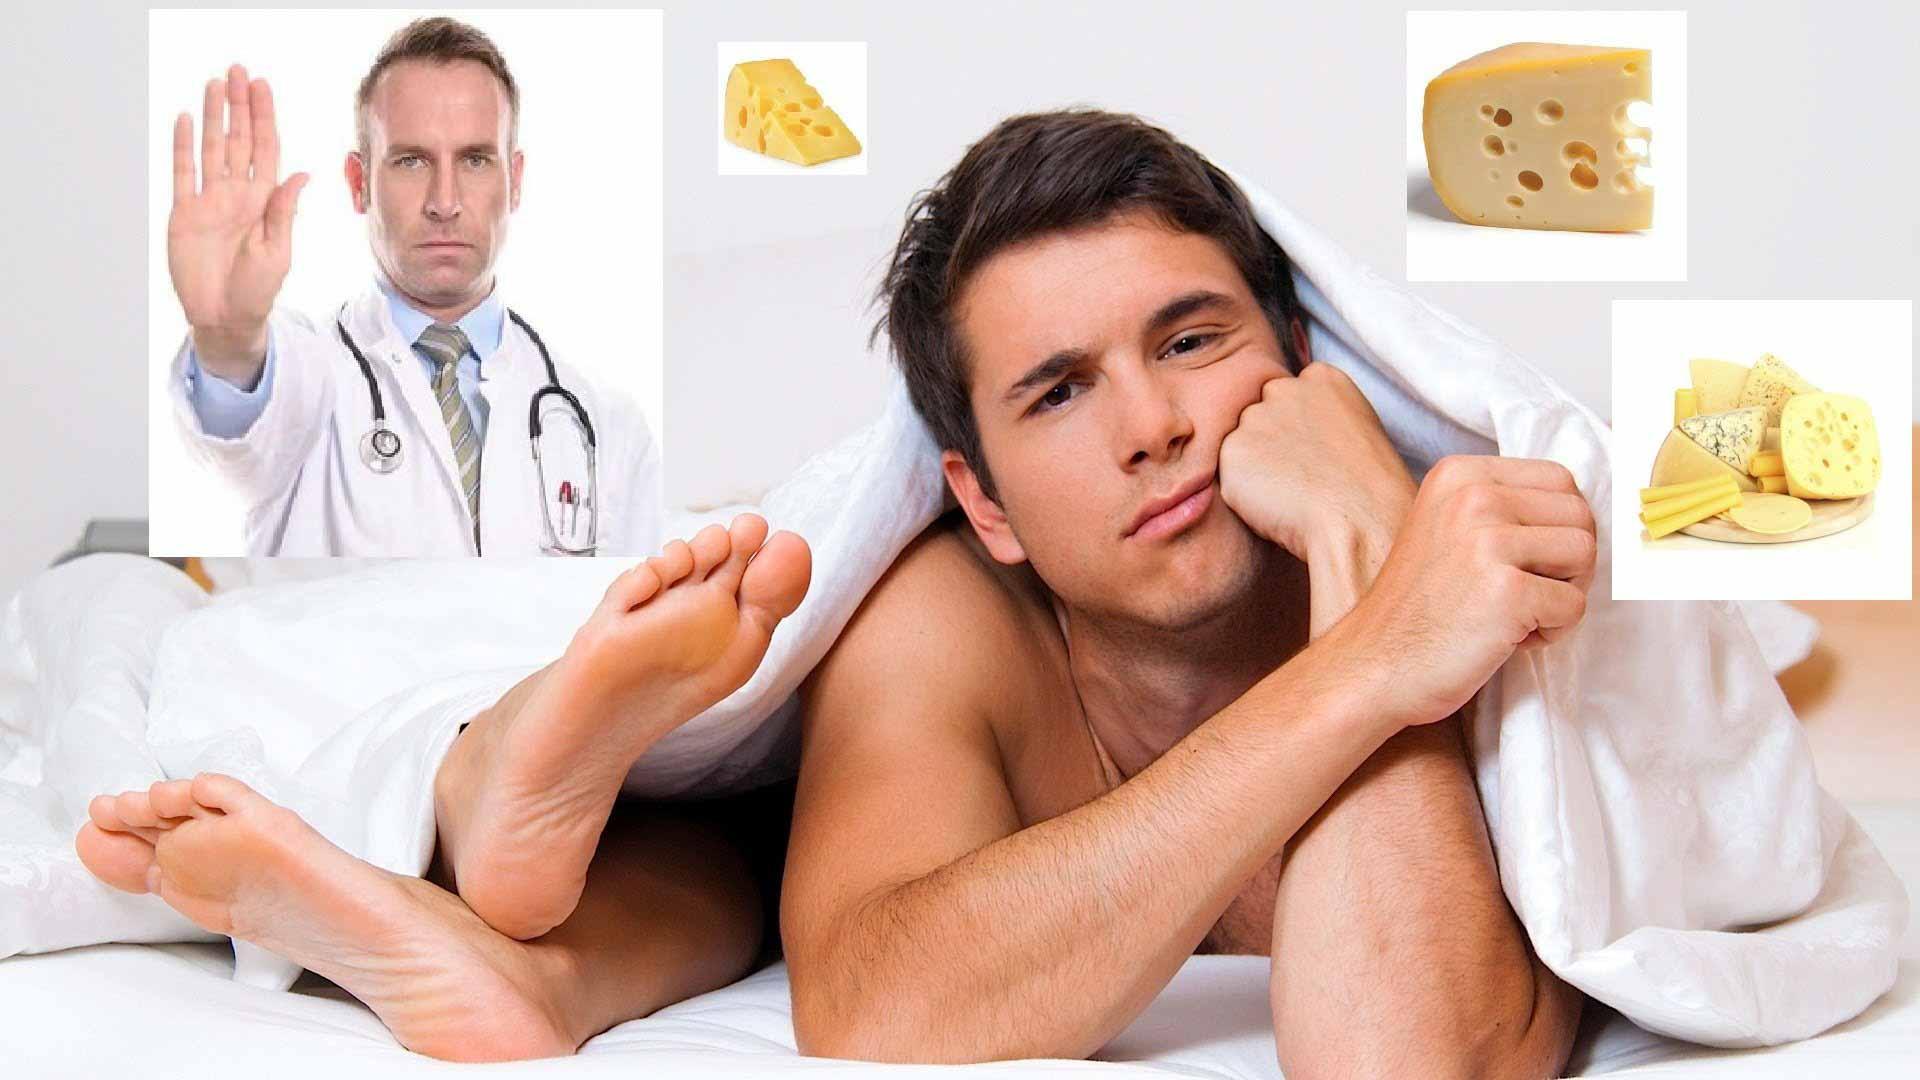 Найден «убийца» мужской потенции. Врачи признали сыр самым опасным продуктом перед сексом